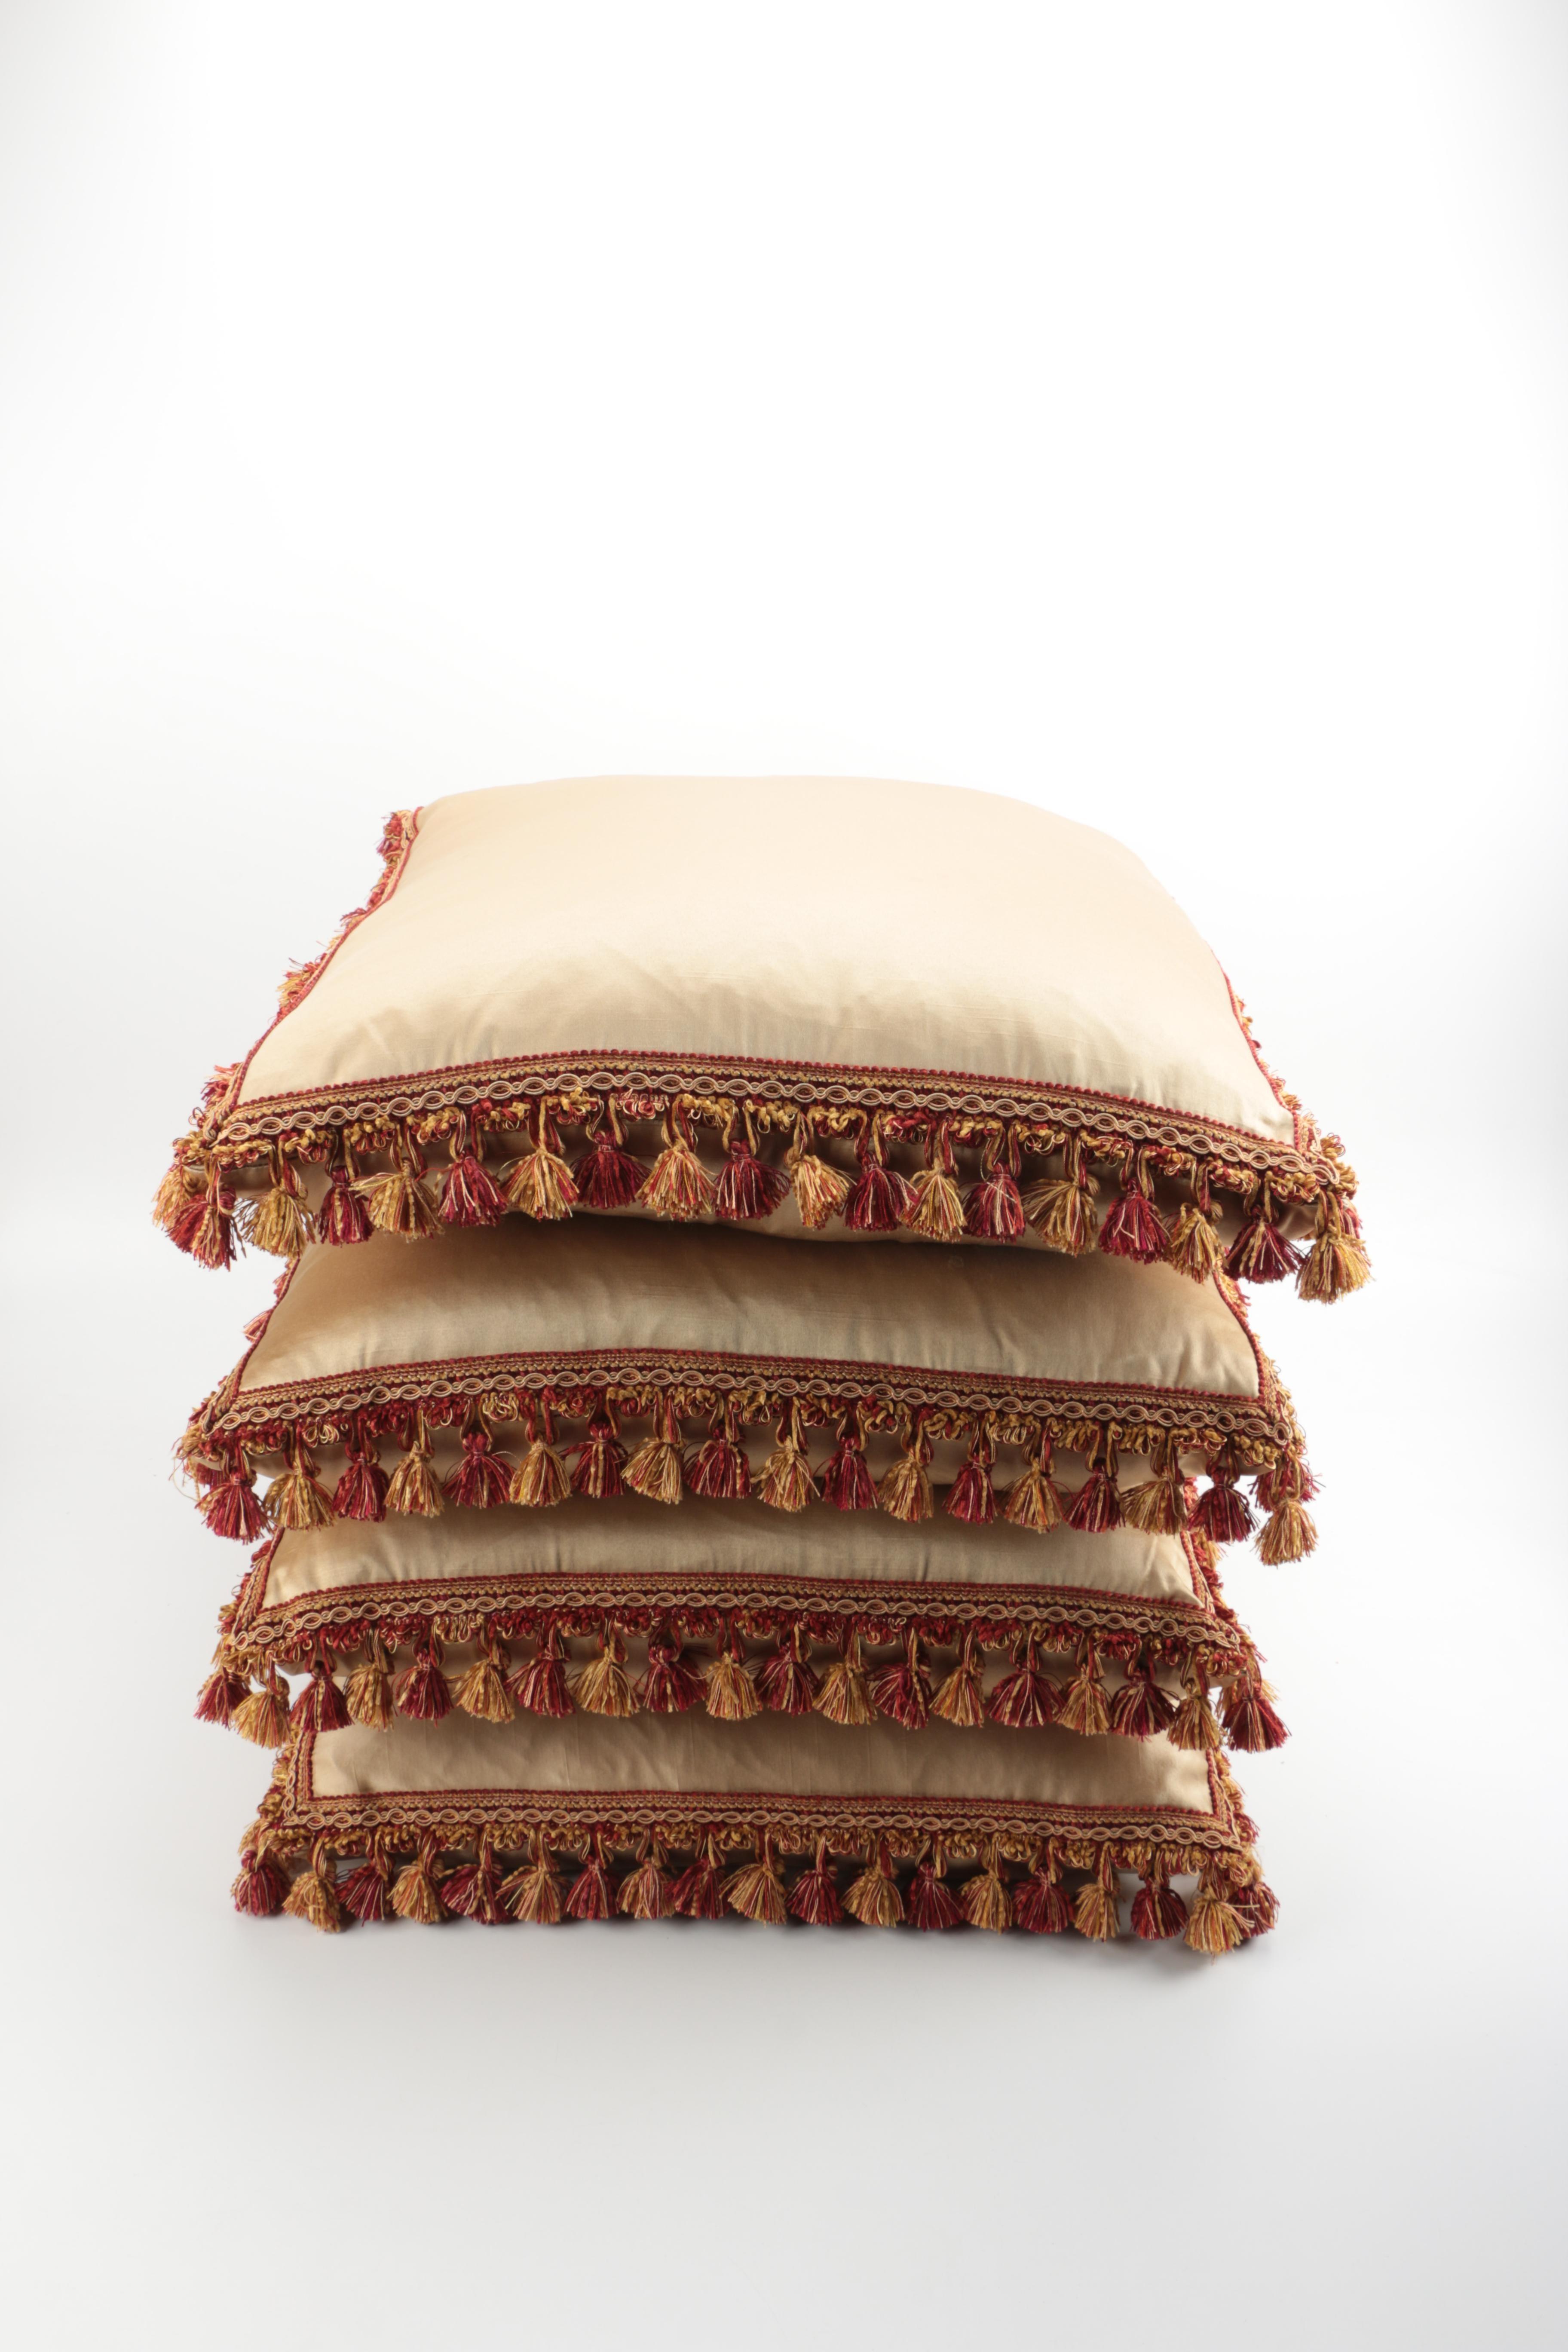 Beige Throw Pillows